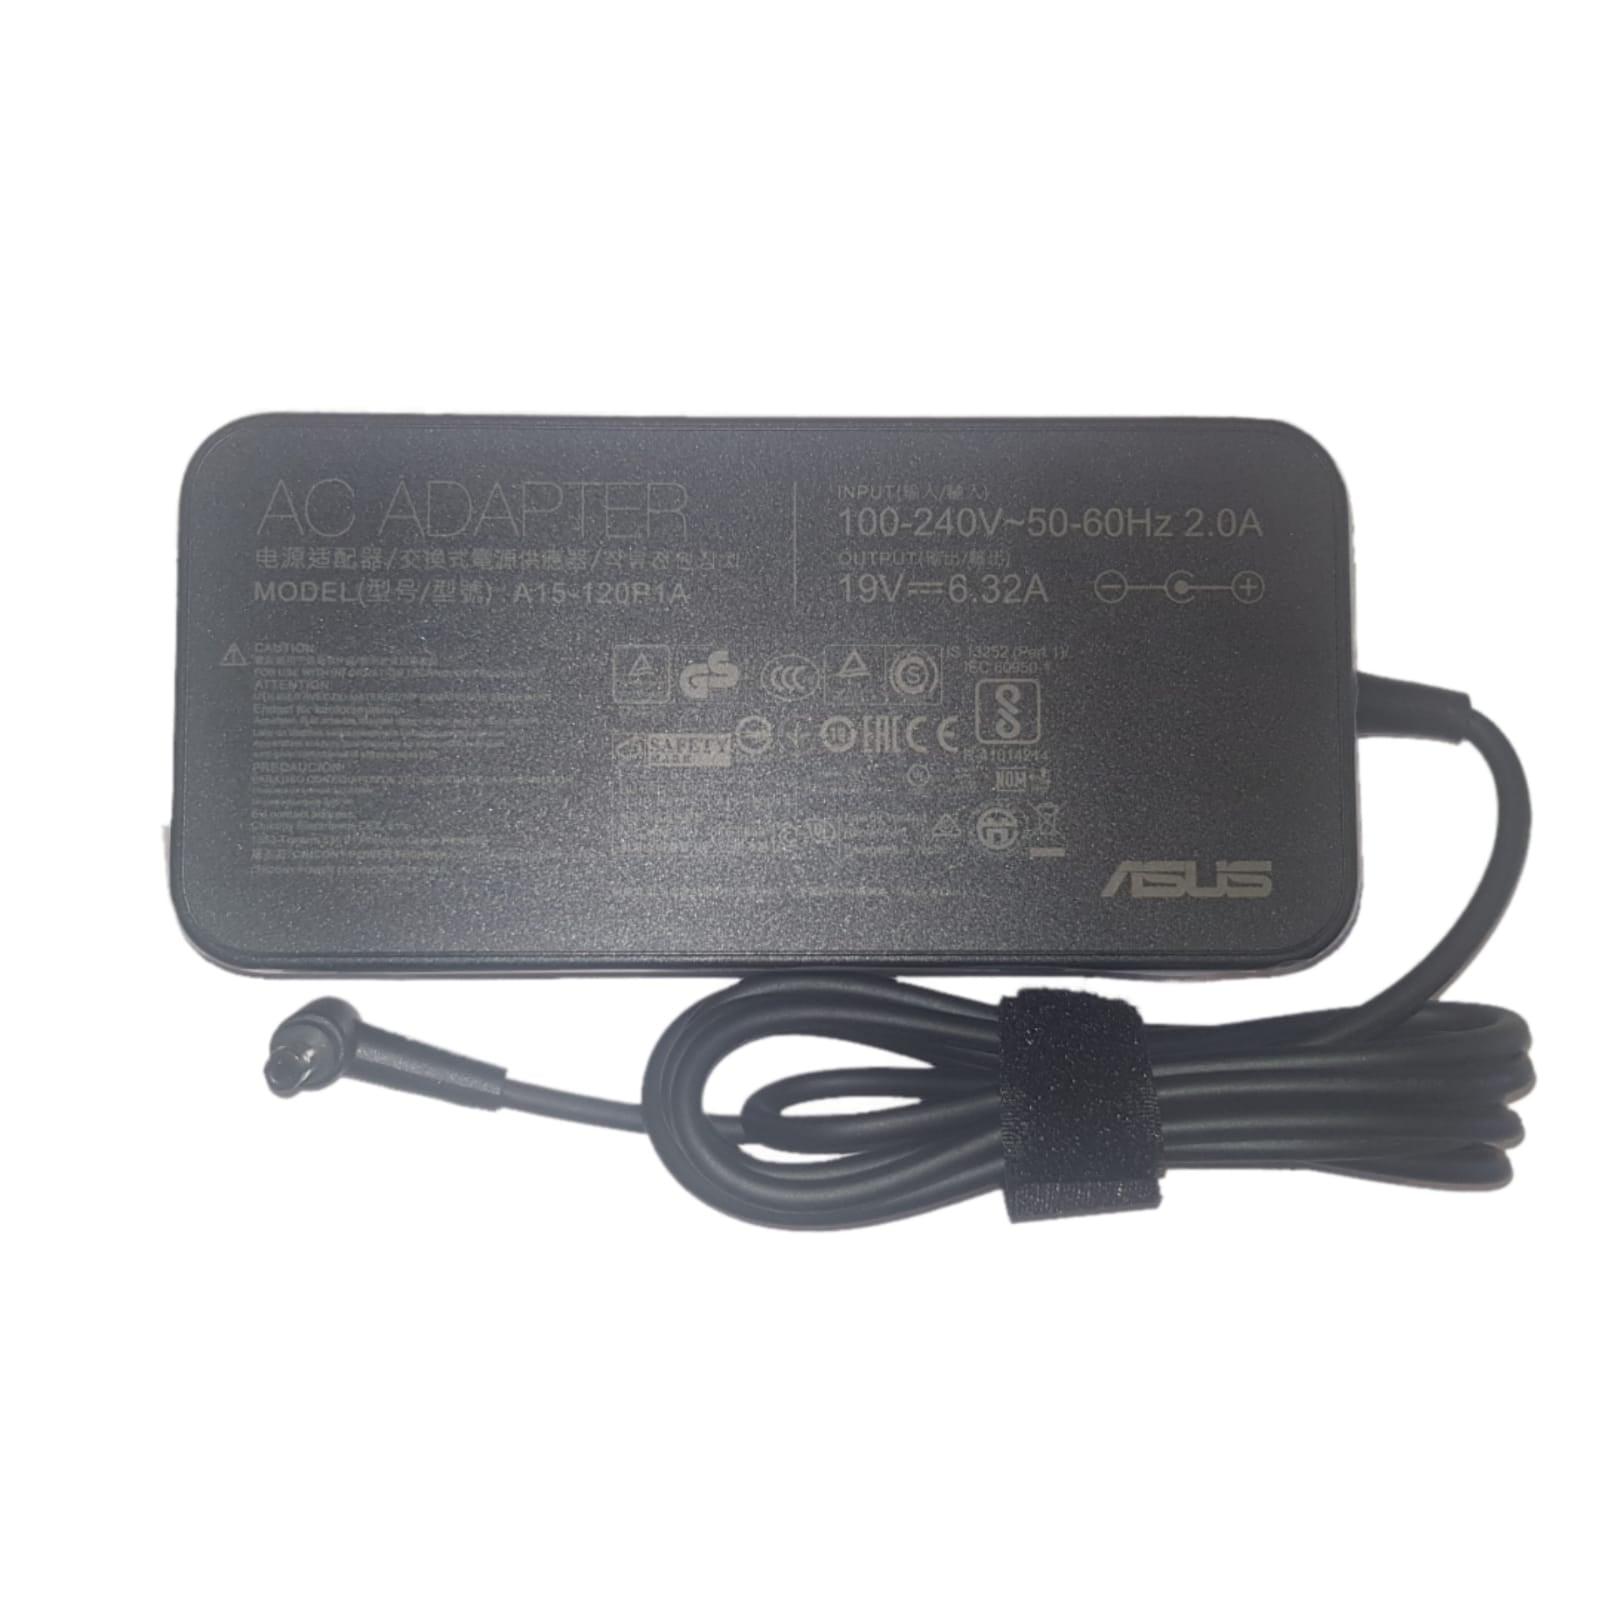 מטען למחשב נייד אסוס Asus ROG G501JW